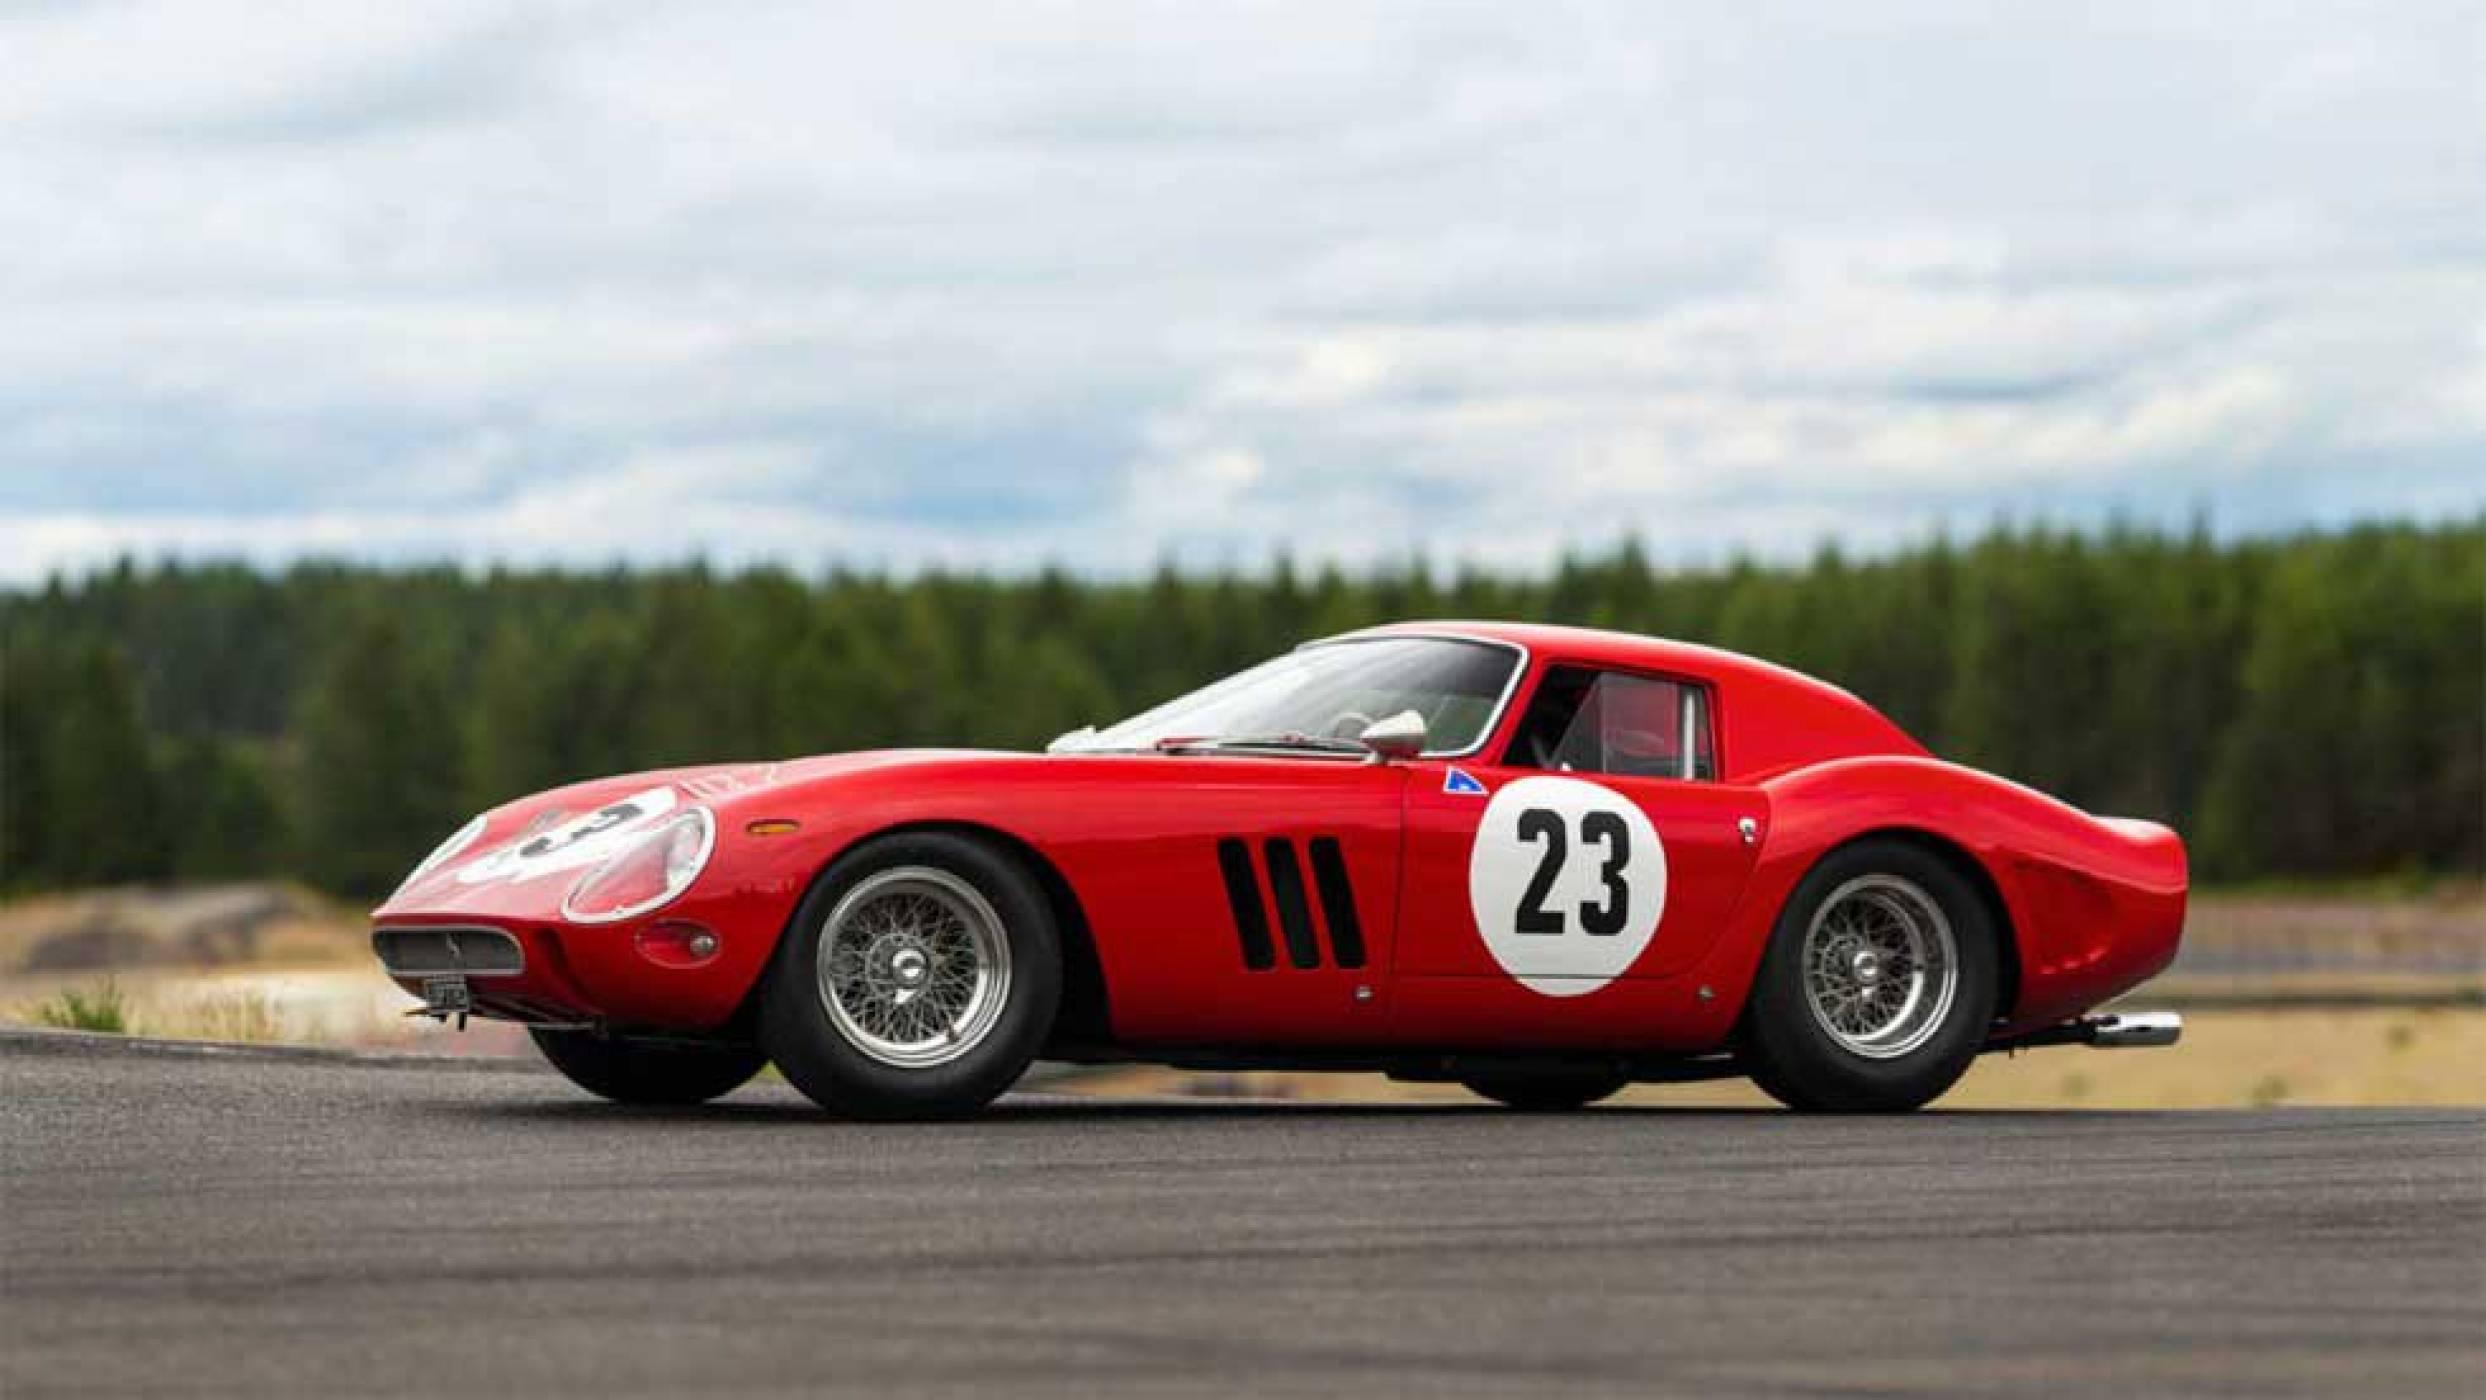 Това епично Ferrari 250 GTO от 1962 г. може да бъде ваше за 45 милиона долара